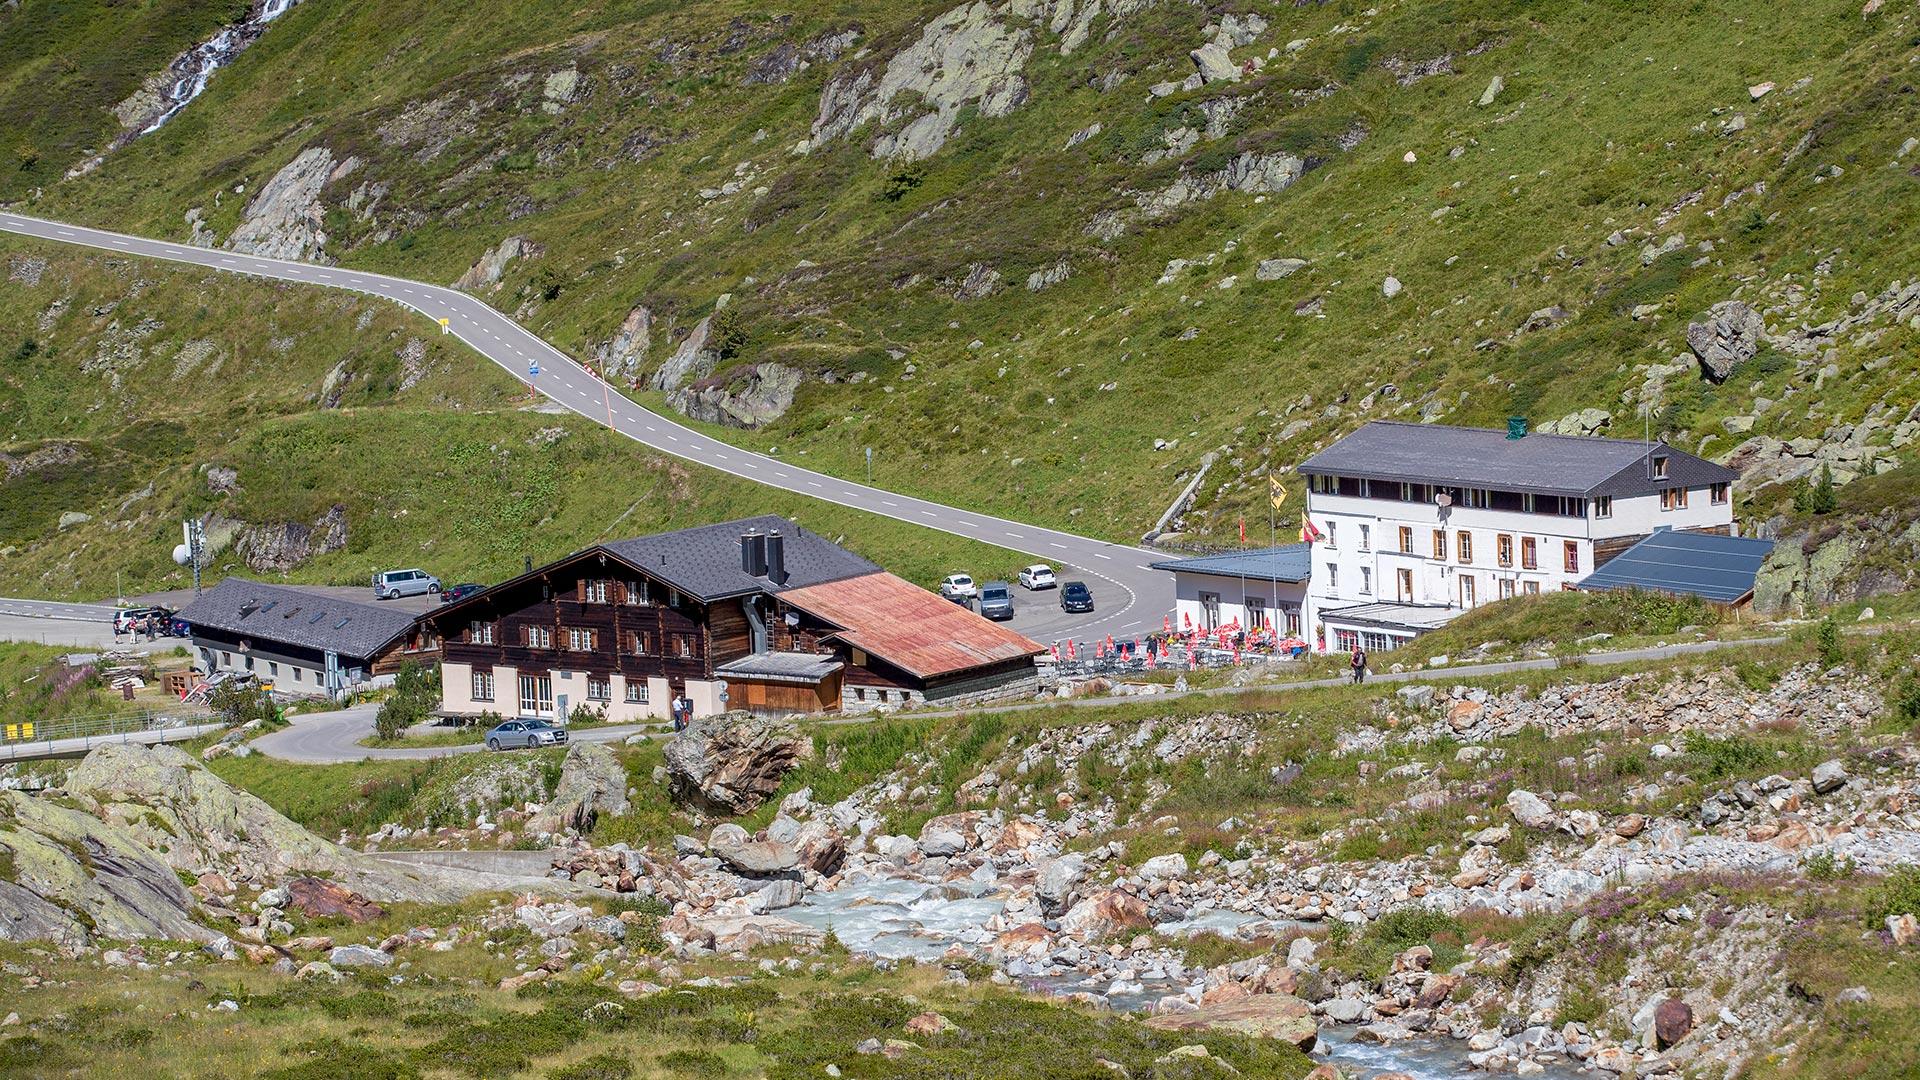 Auf der Passhöhe des Sustenpasses befindet sich das Alpincenter.